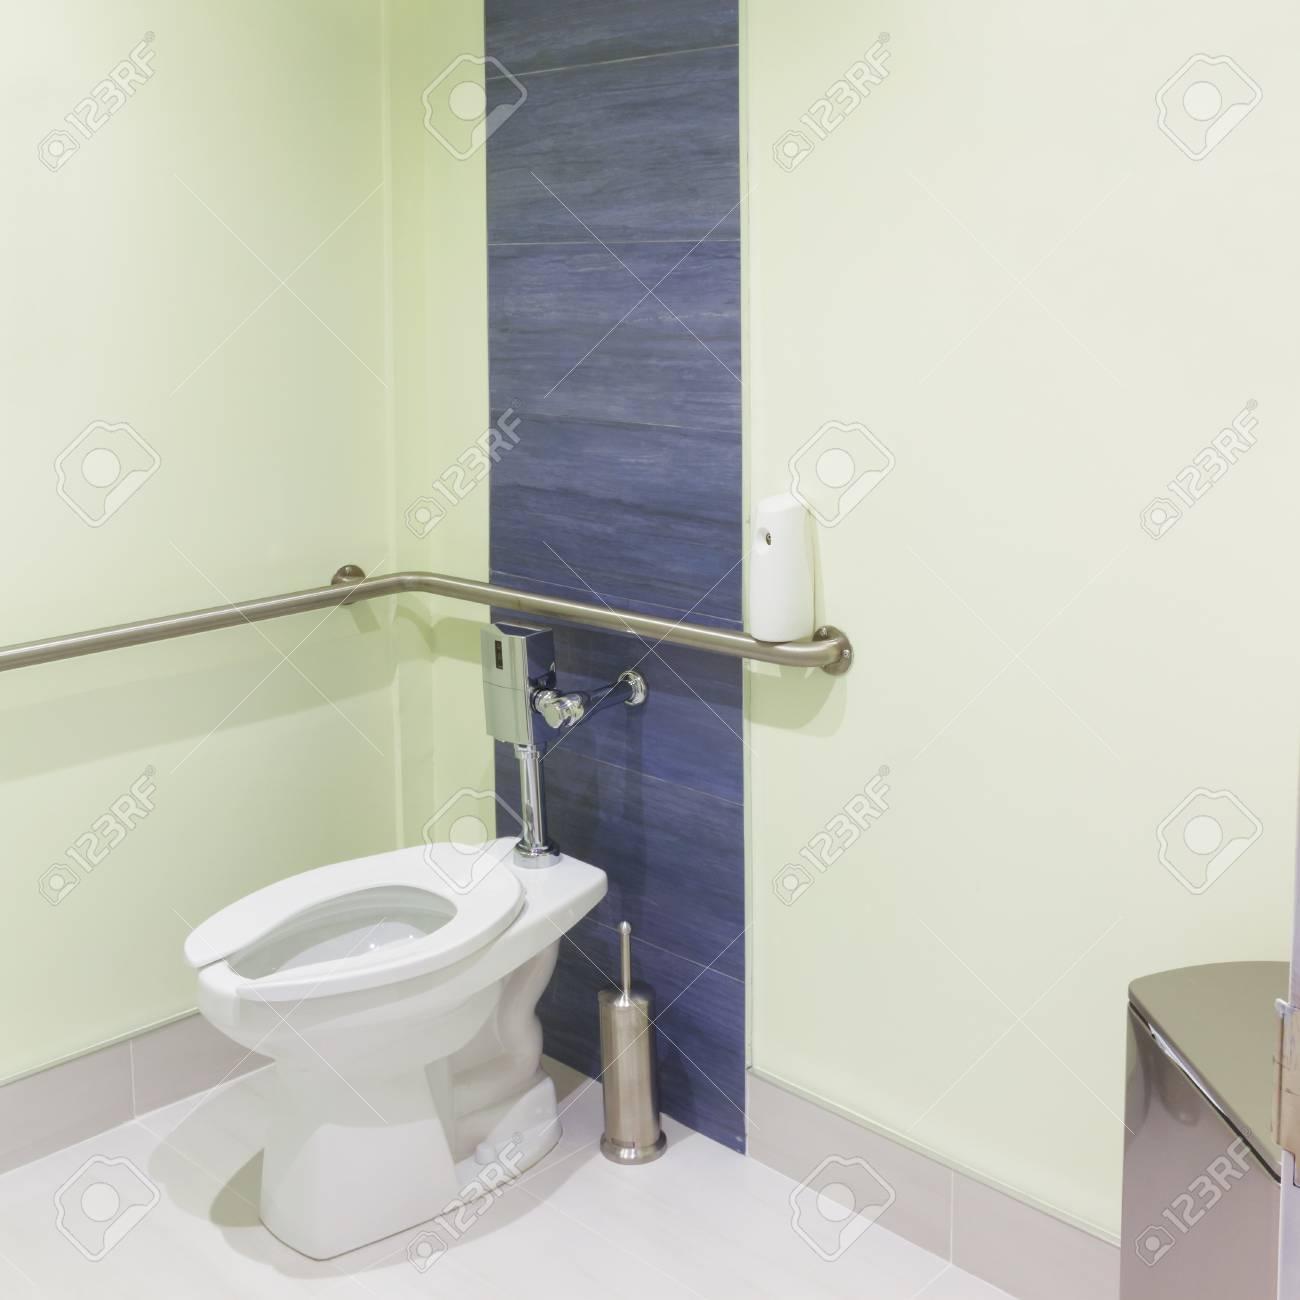 Toilettes design d\'intérieur dans une nouvelle maison